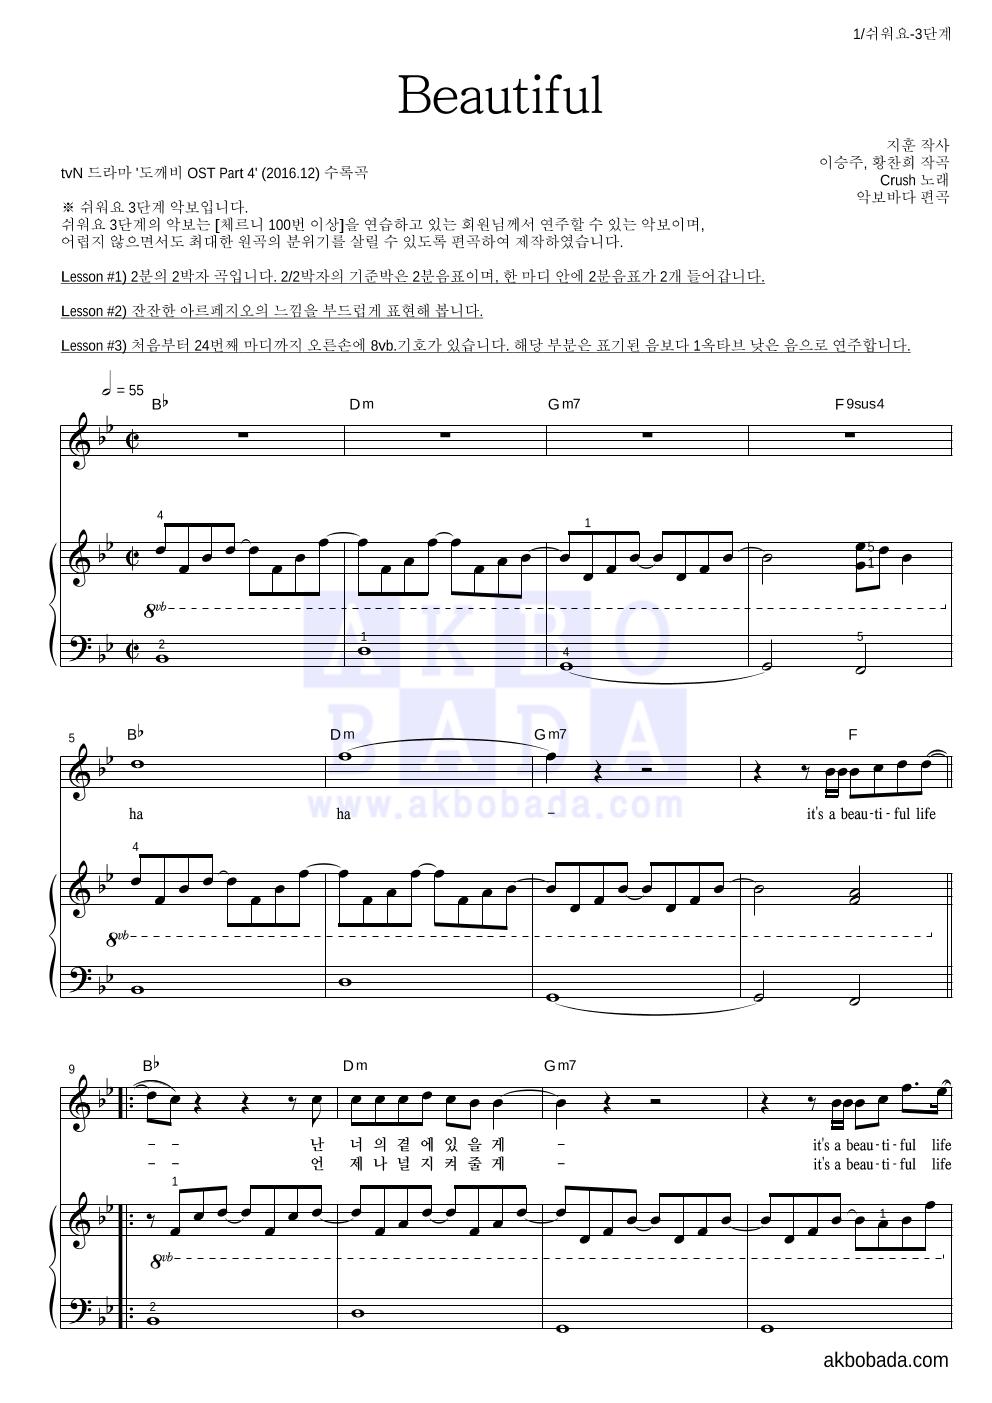 크러쉬 - Beautiful 피아노3단-쉬워요 악보